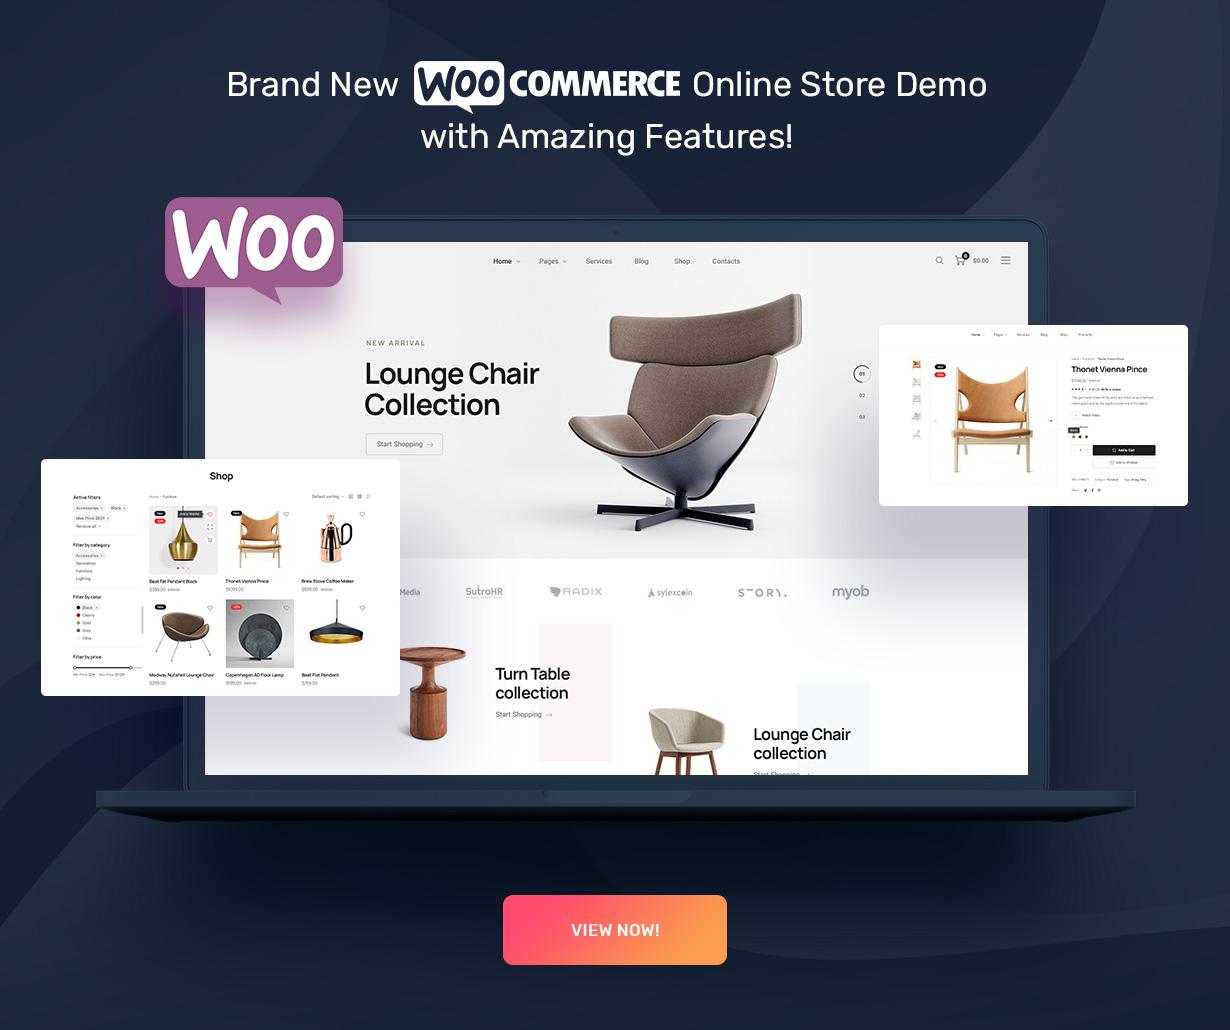 Ewebot - التسويق والوكالة الرقمية لتحسين محركات البحث - 2